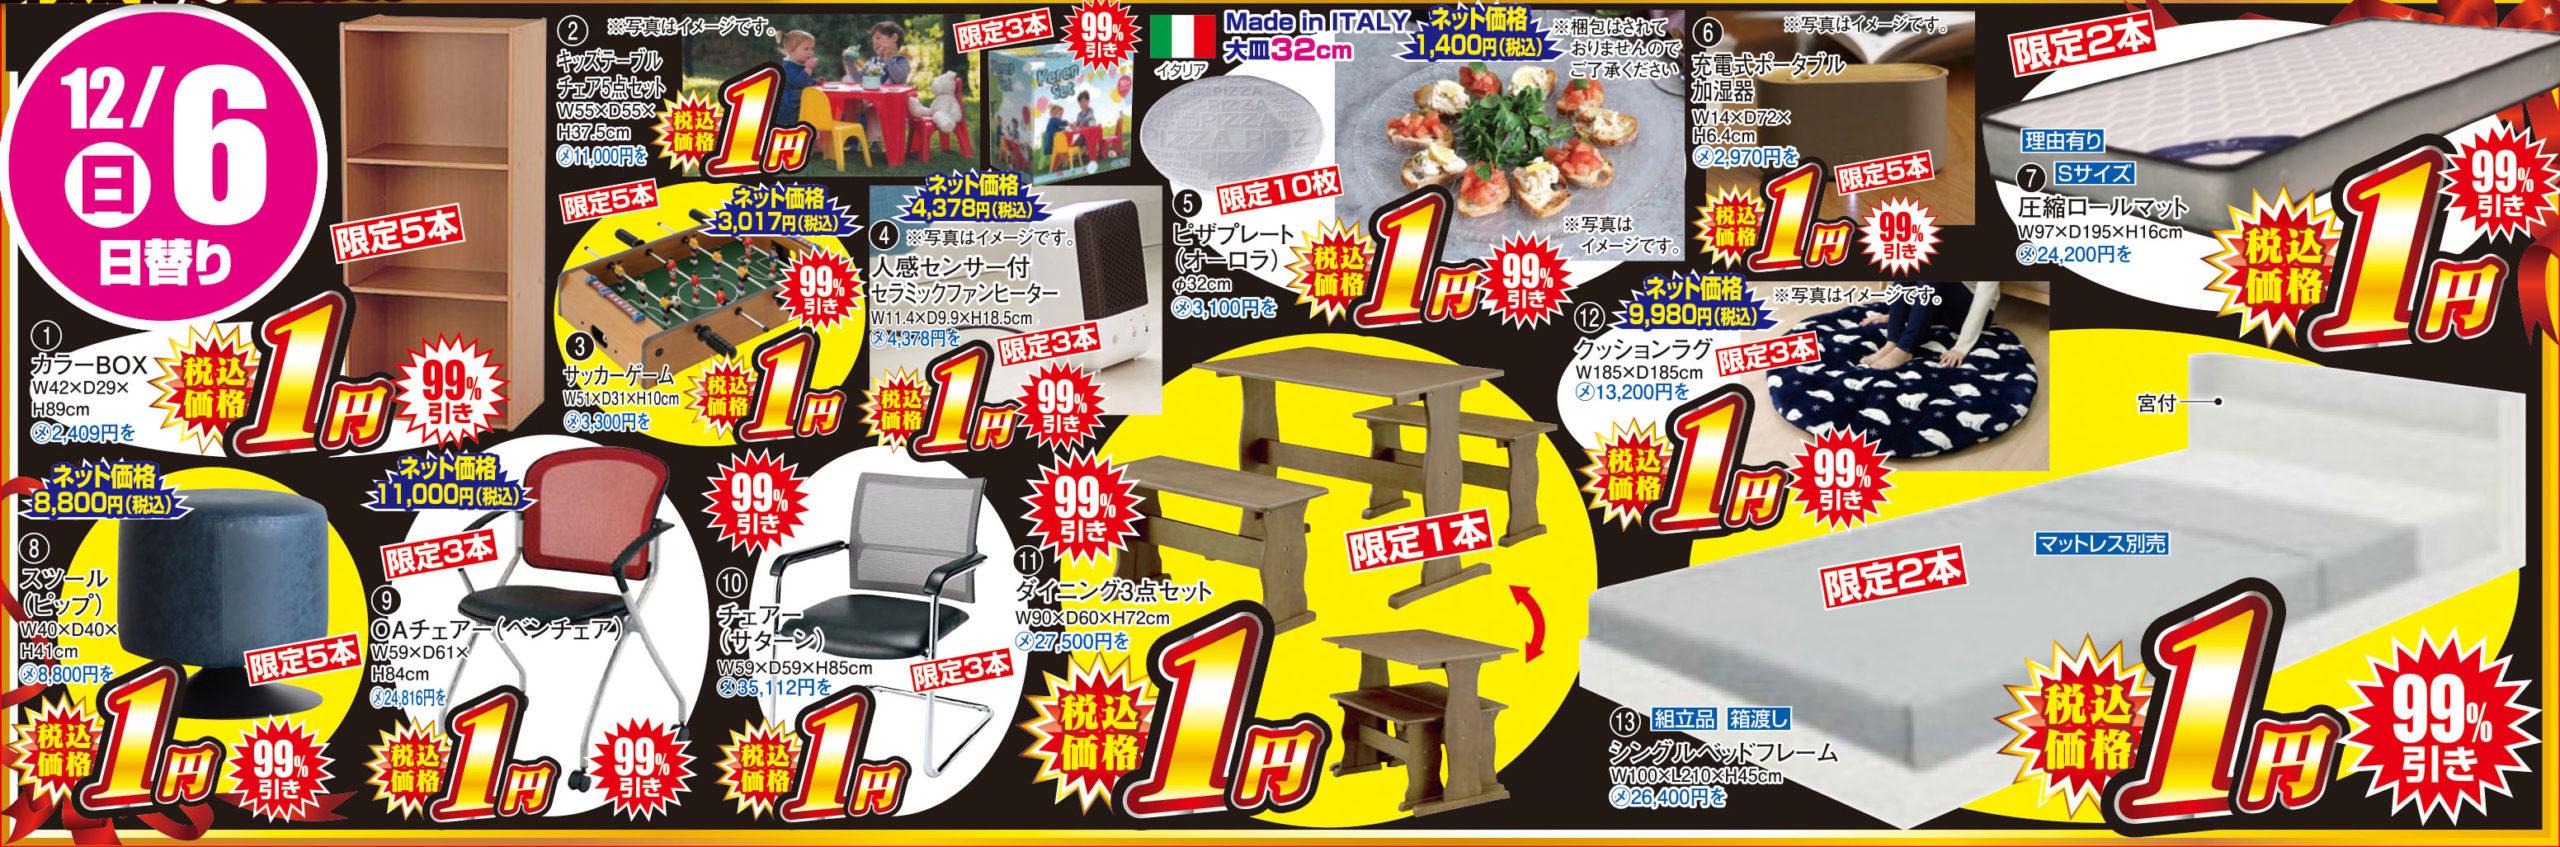 12/6(日)日替り両店開催予定!